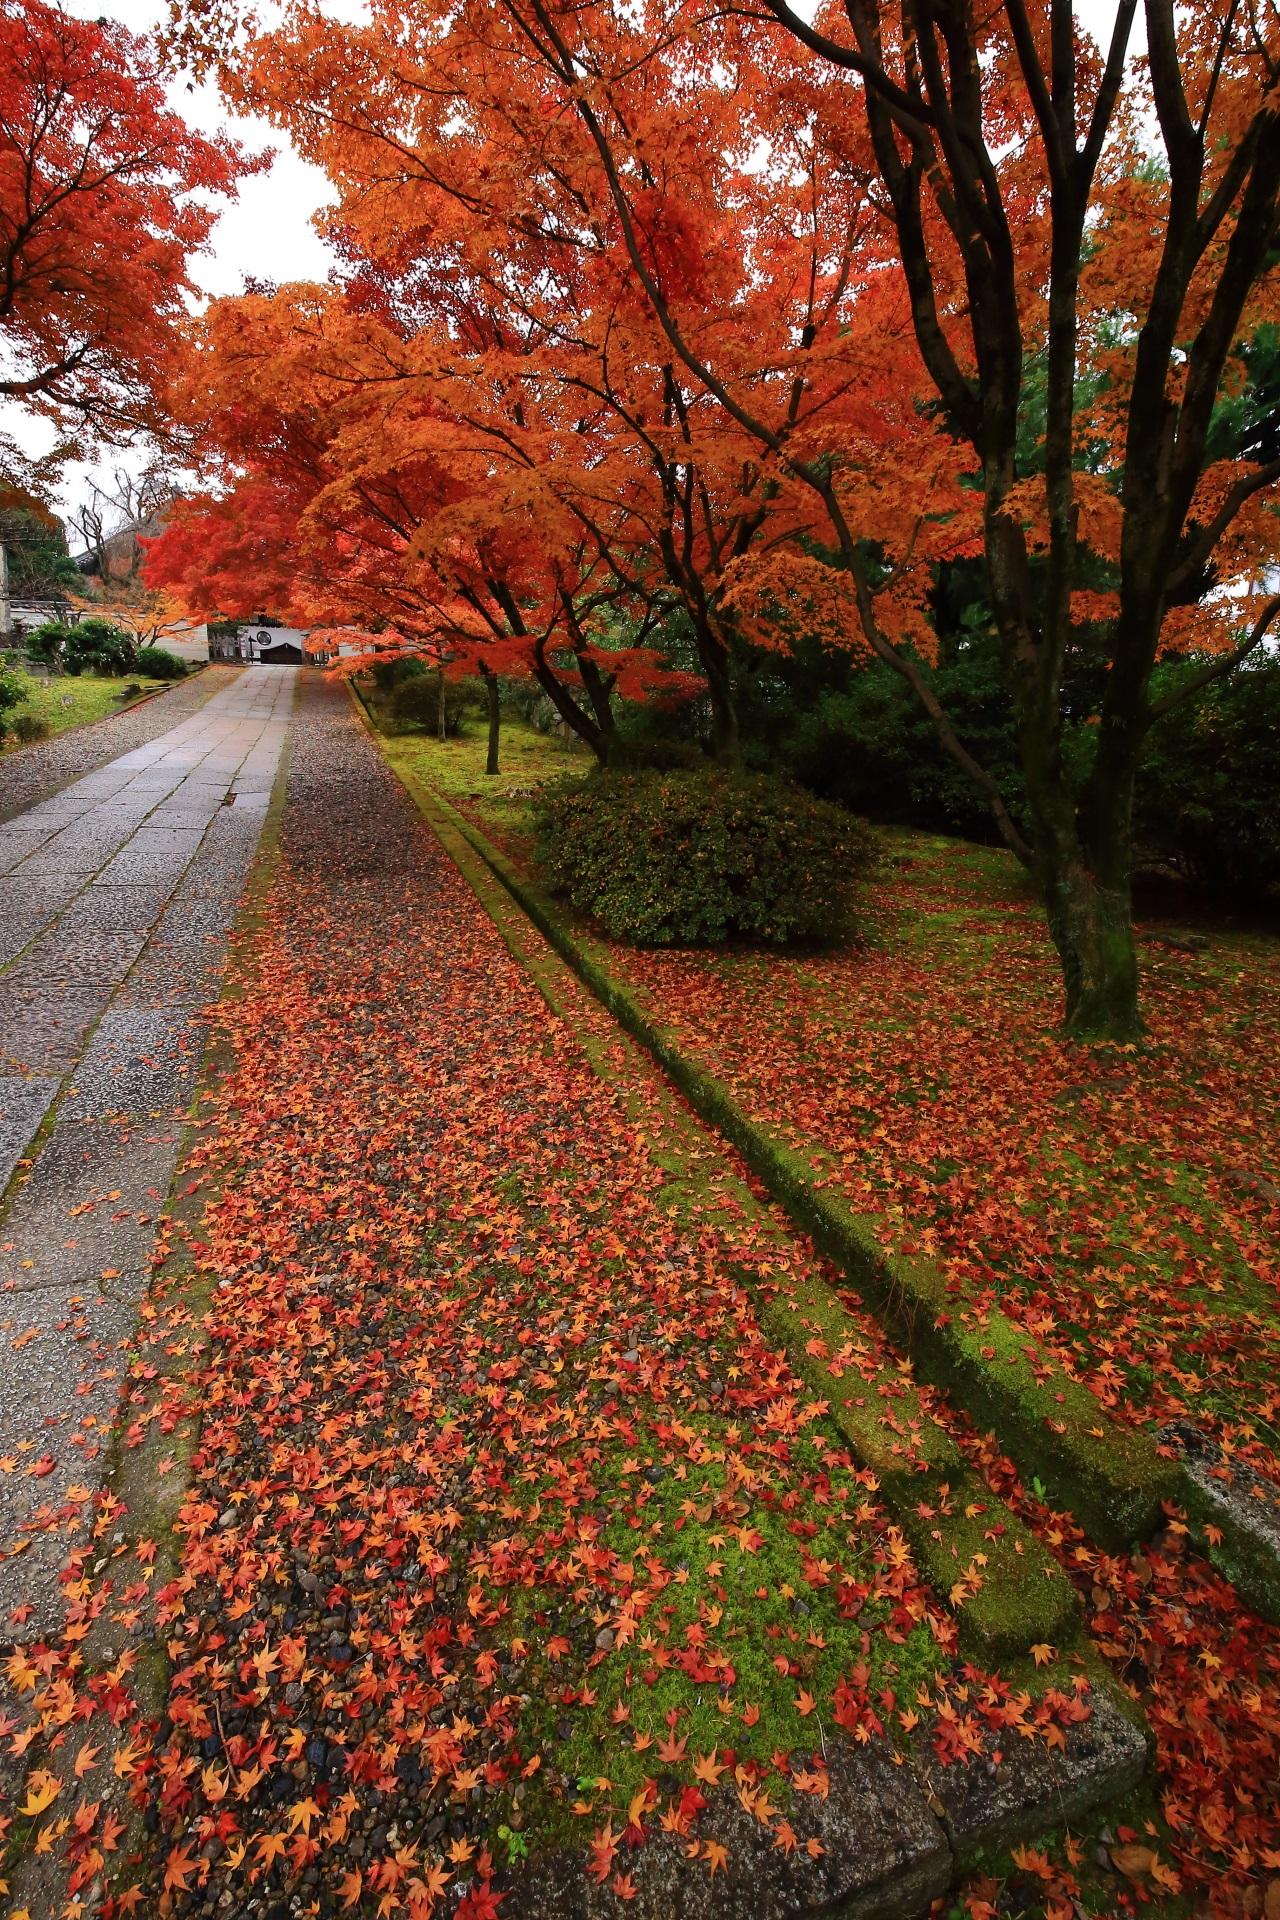 養源院の素晴らしい散り紅葉と晩秋の情景